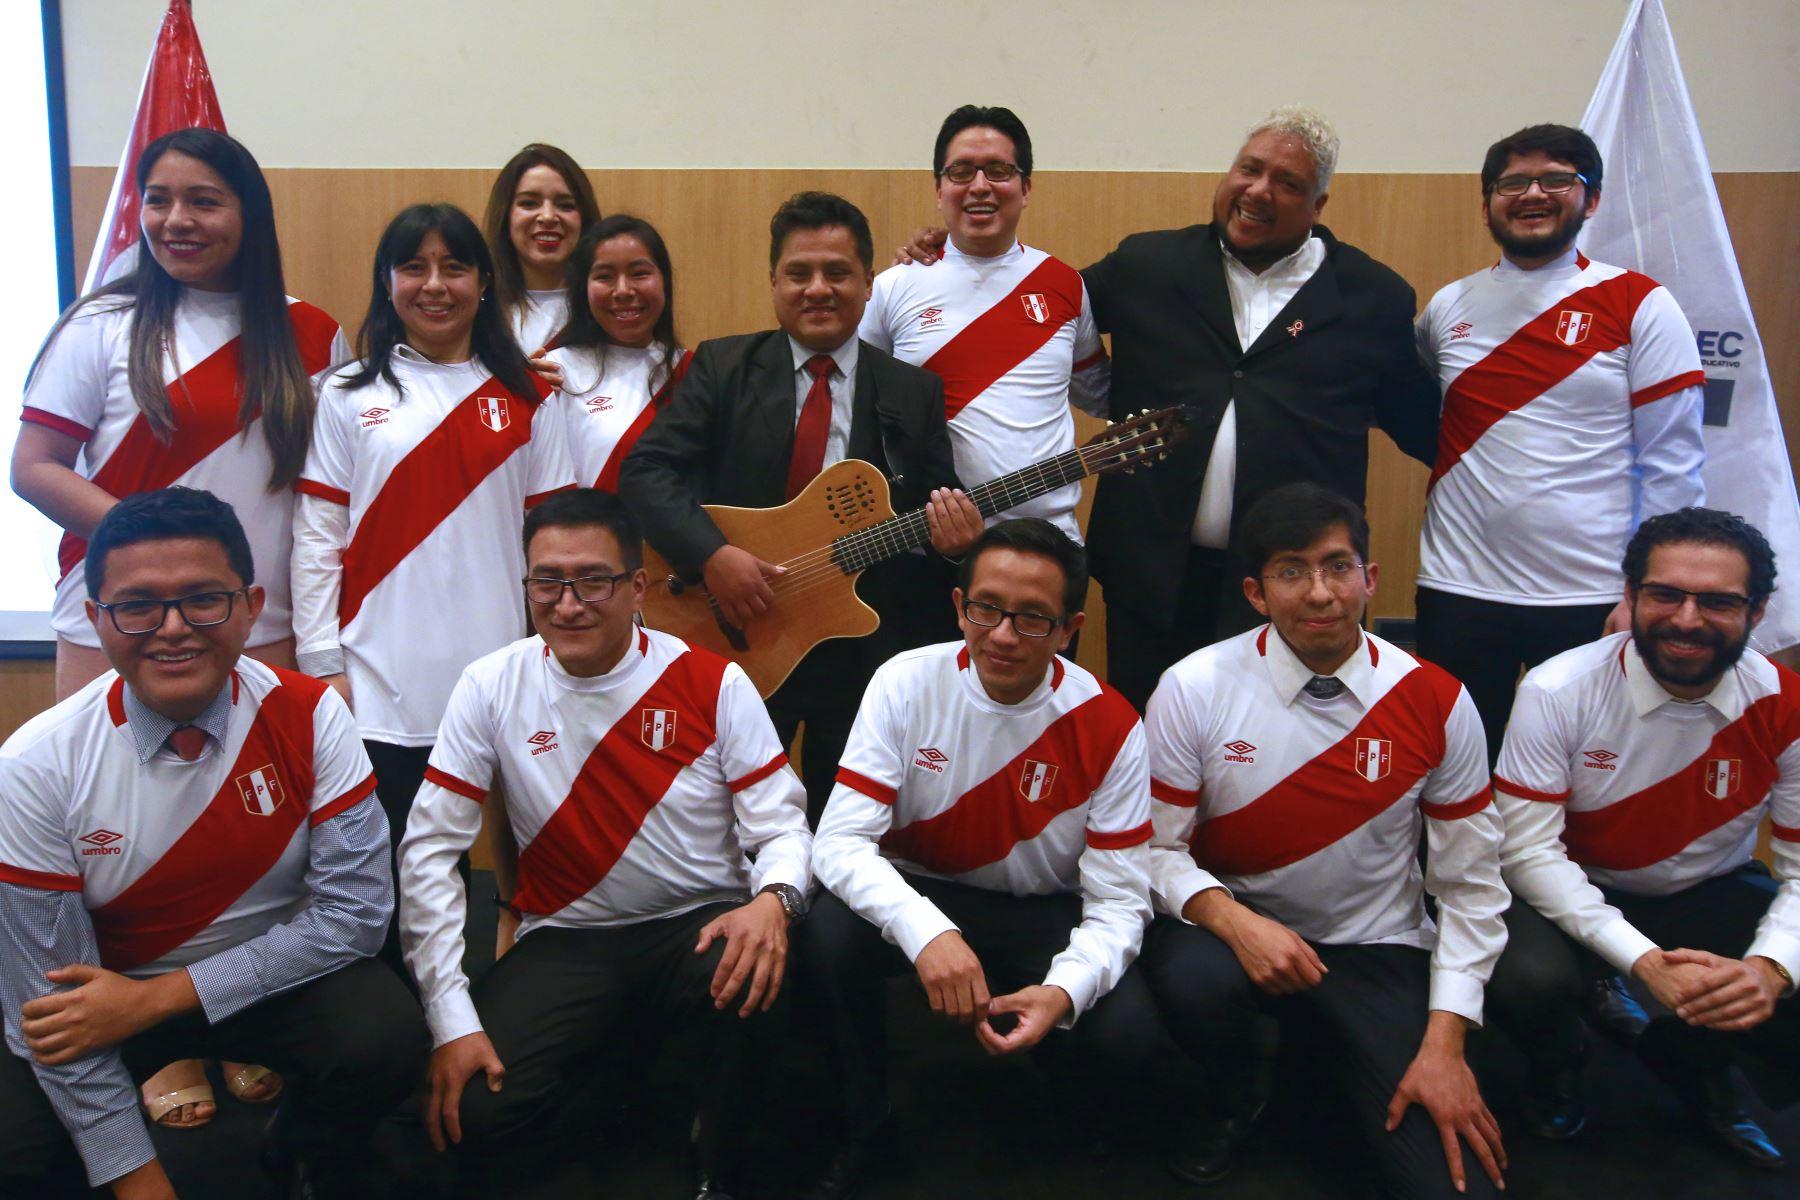 Talentos de Cusco, Junín y Lima ganan beca para estudiar posgrados en Australia, Hong Kong y EE.UU. Foto: ANDINA/Héctor Vinces